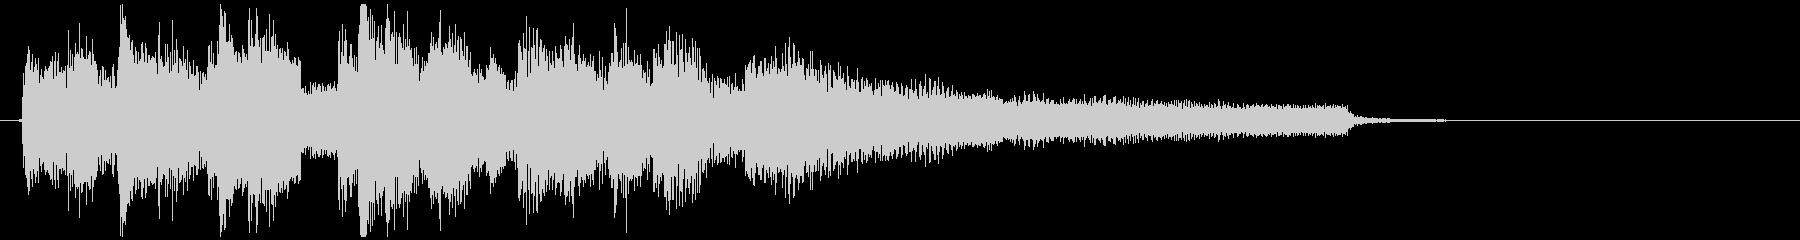 素敵な雰囲気のボサノヴァ系サウンドロゴの未再生の波形